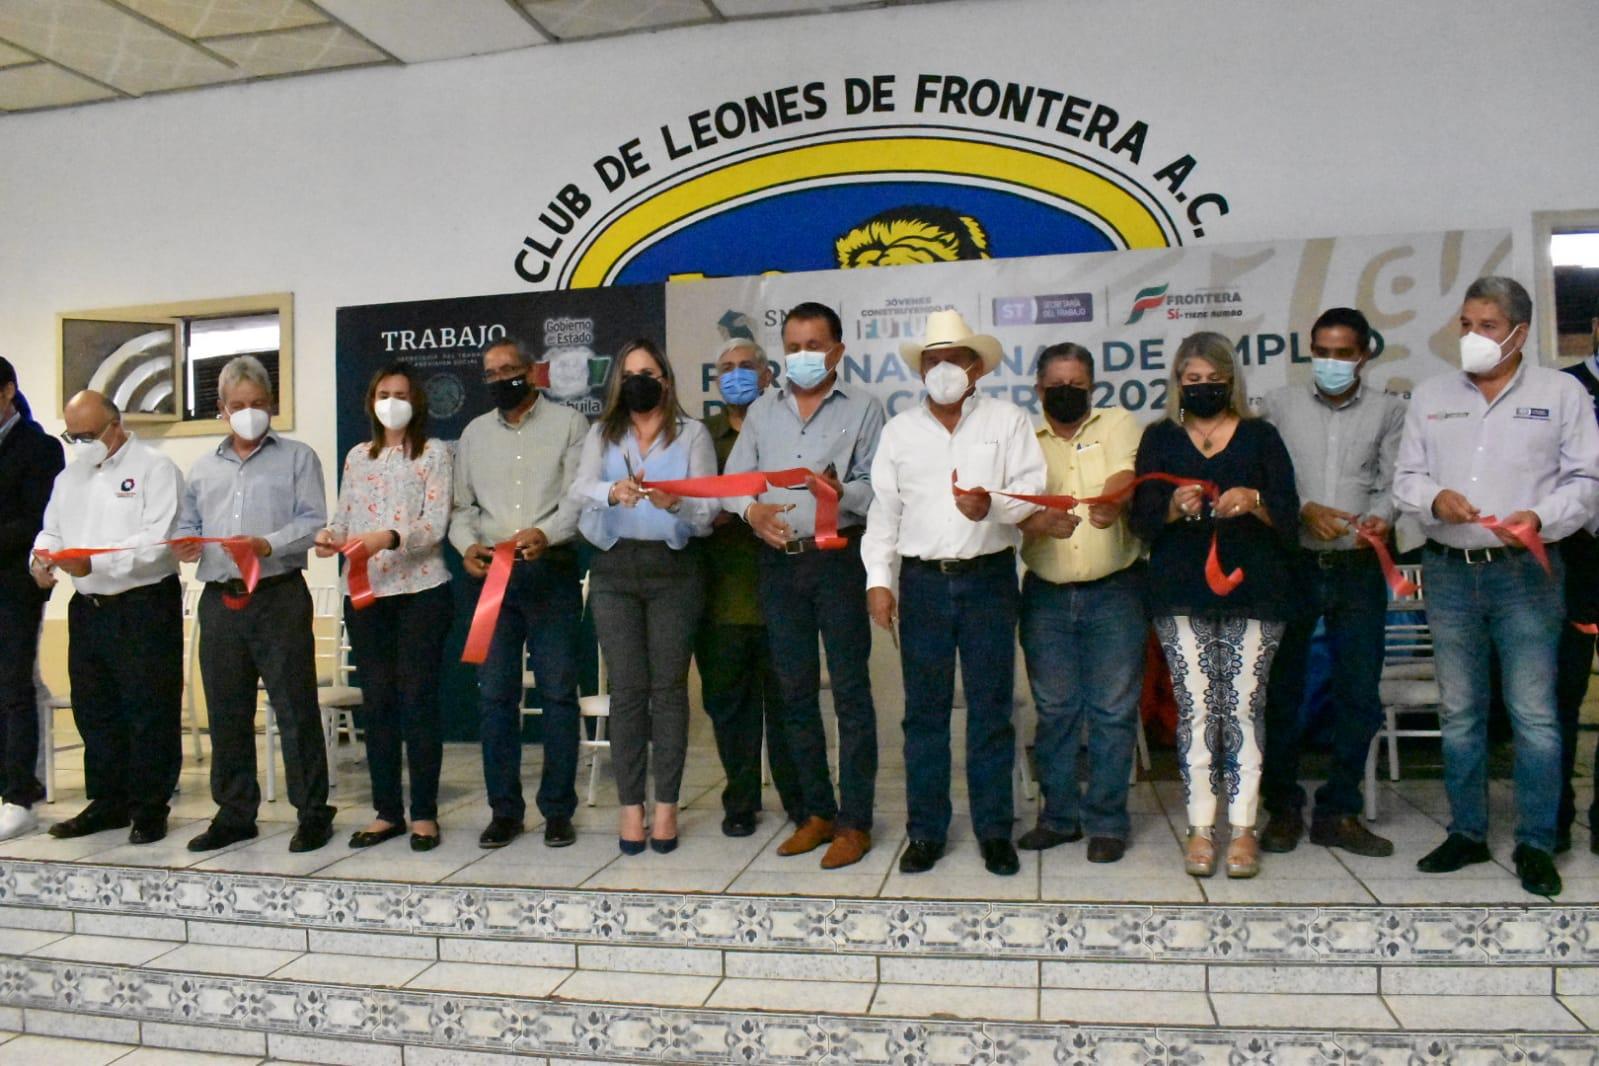 La Feria del Empleo promueve 800 vacantes en la región